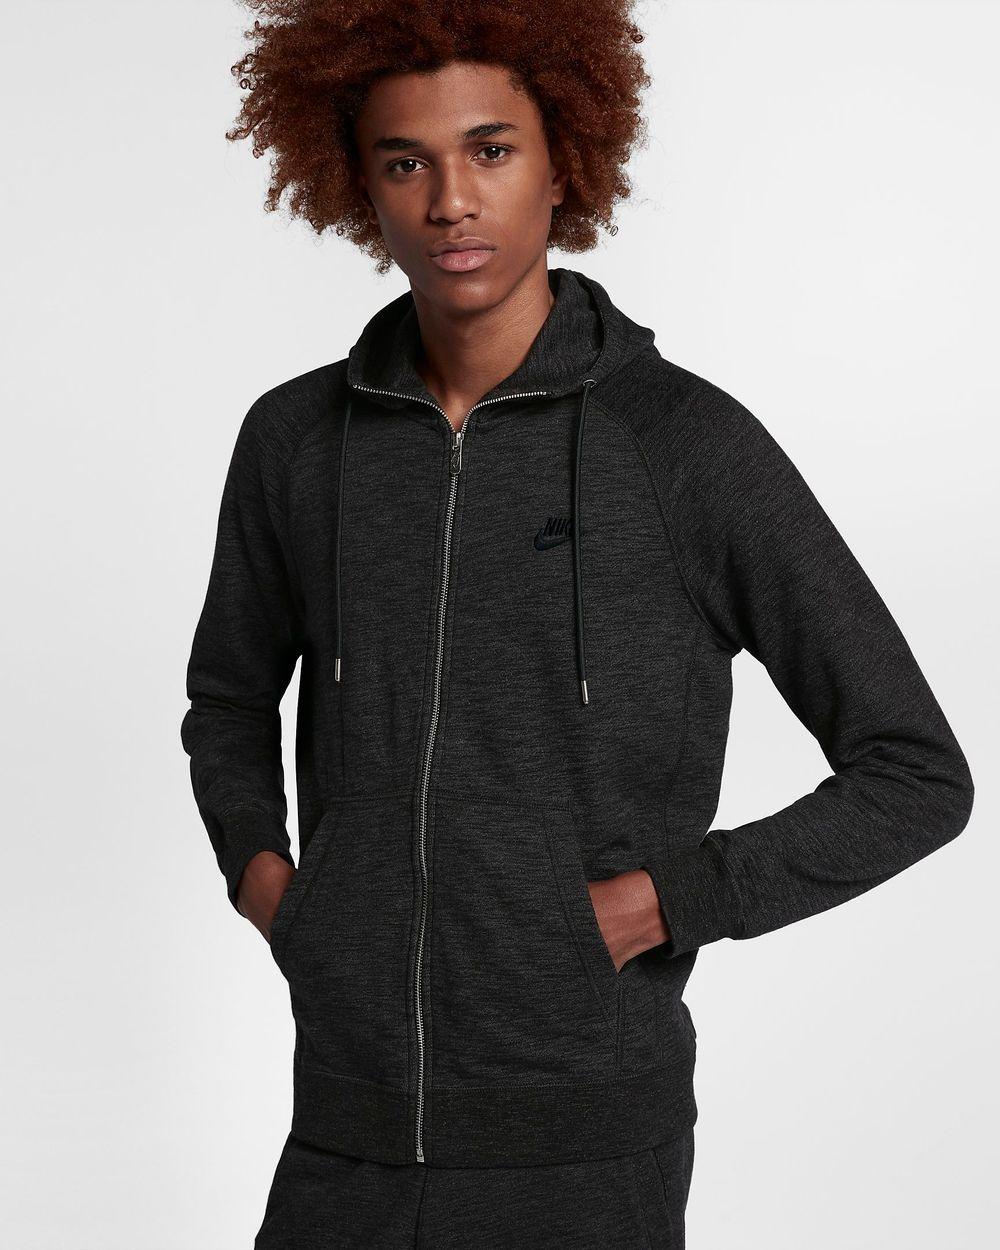 sportswear-legacy-mens-full-zip-hoodie-LYyLbg-1.jpg